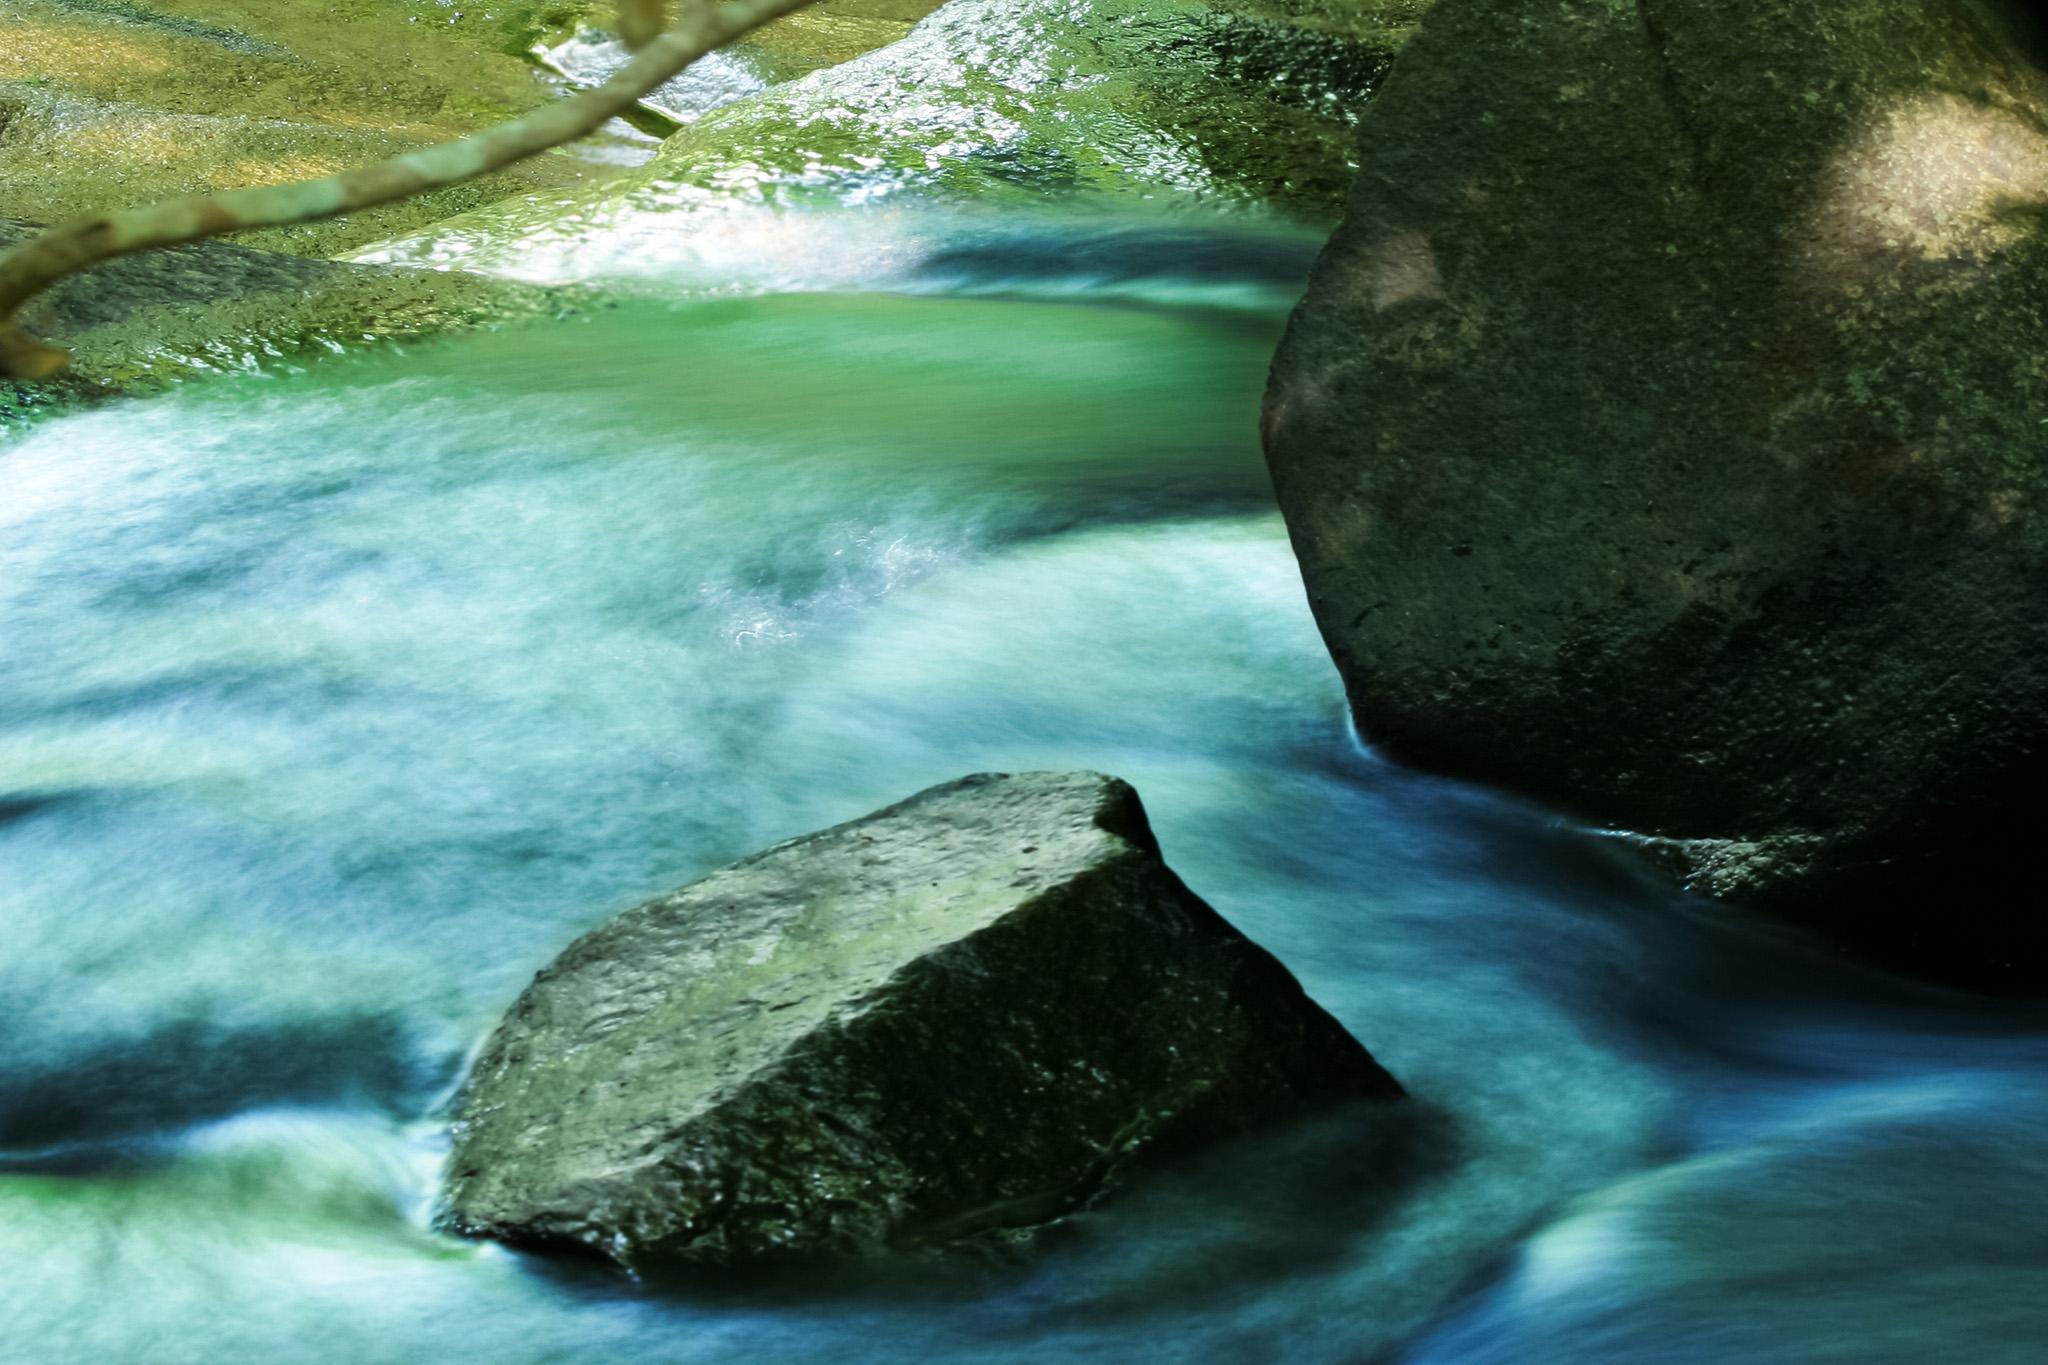 「光が差し込む美しい川の流れ」